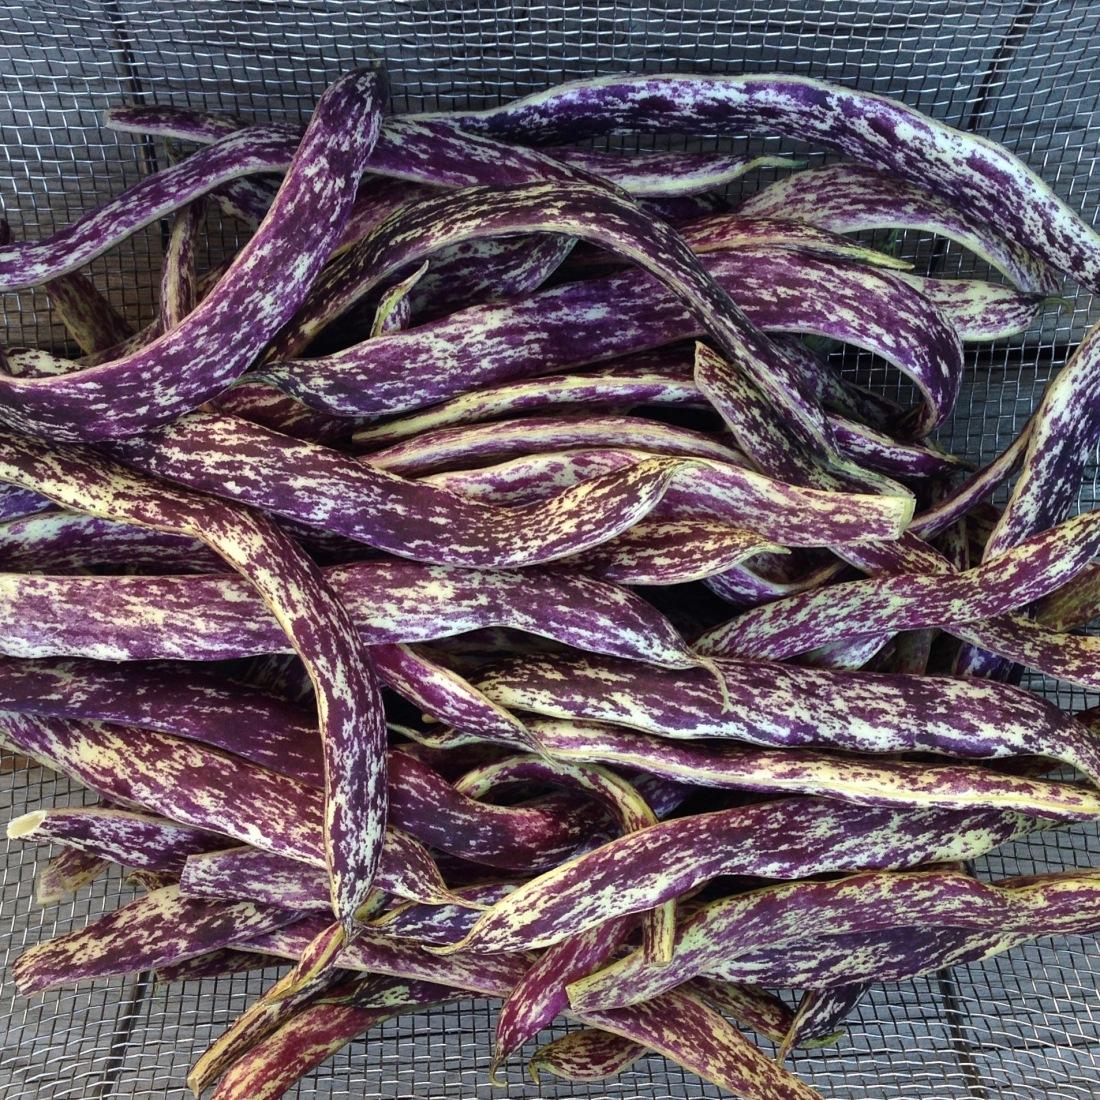 dragon-tongue-beans